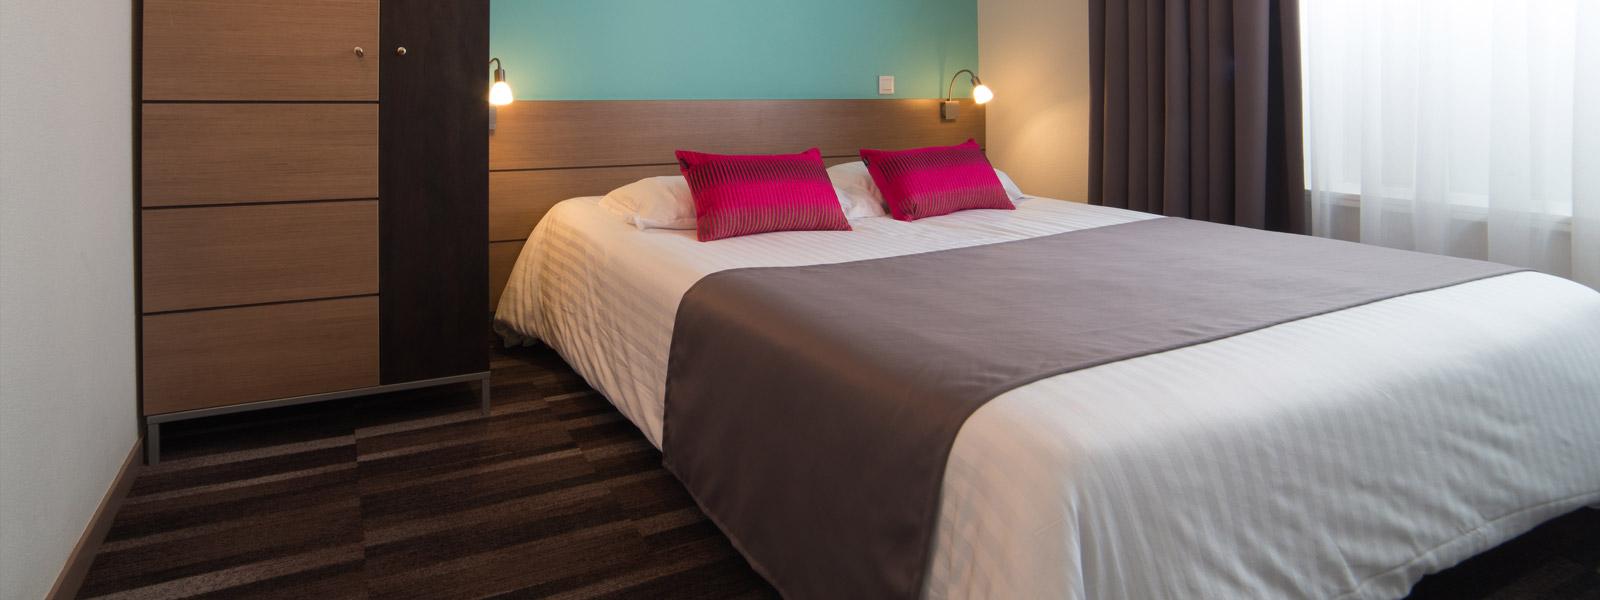 Sorties et tourisme en lot et garonne h tel astoria agen for Appart hotel plaisir